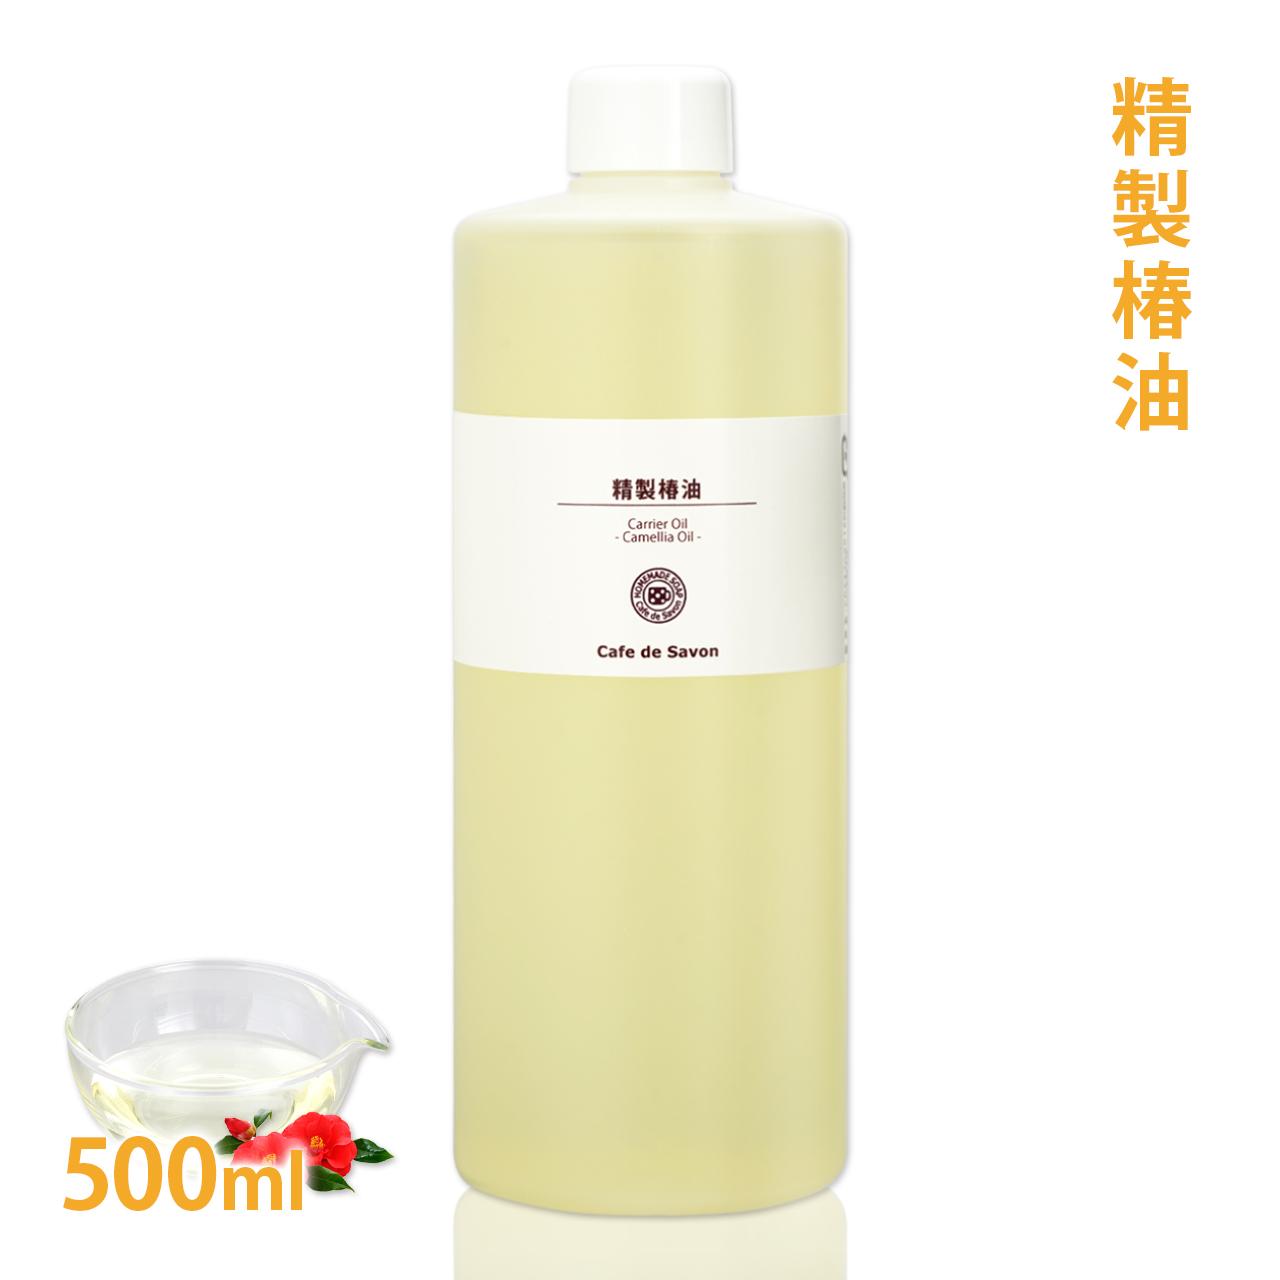 精製 椿油 500ml